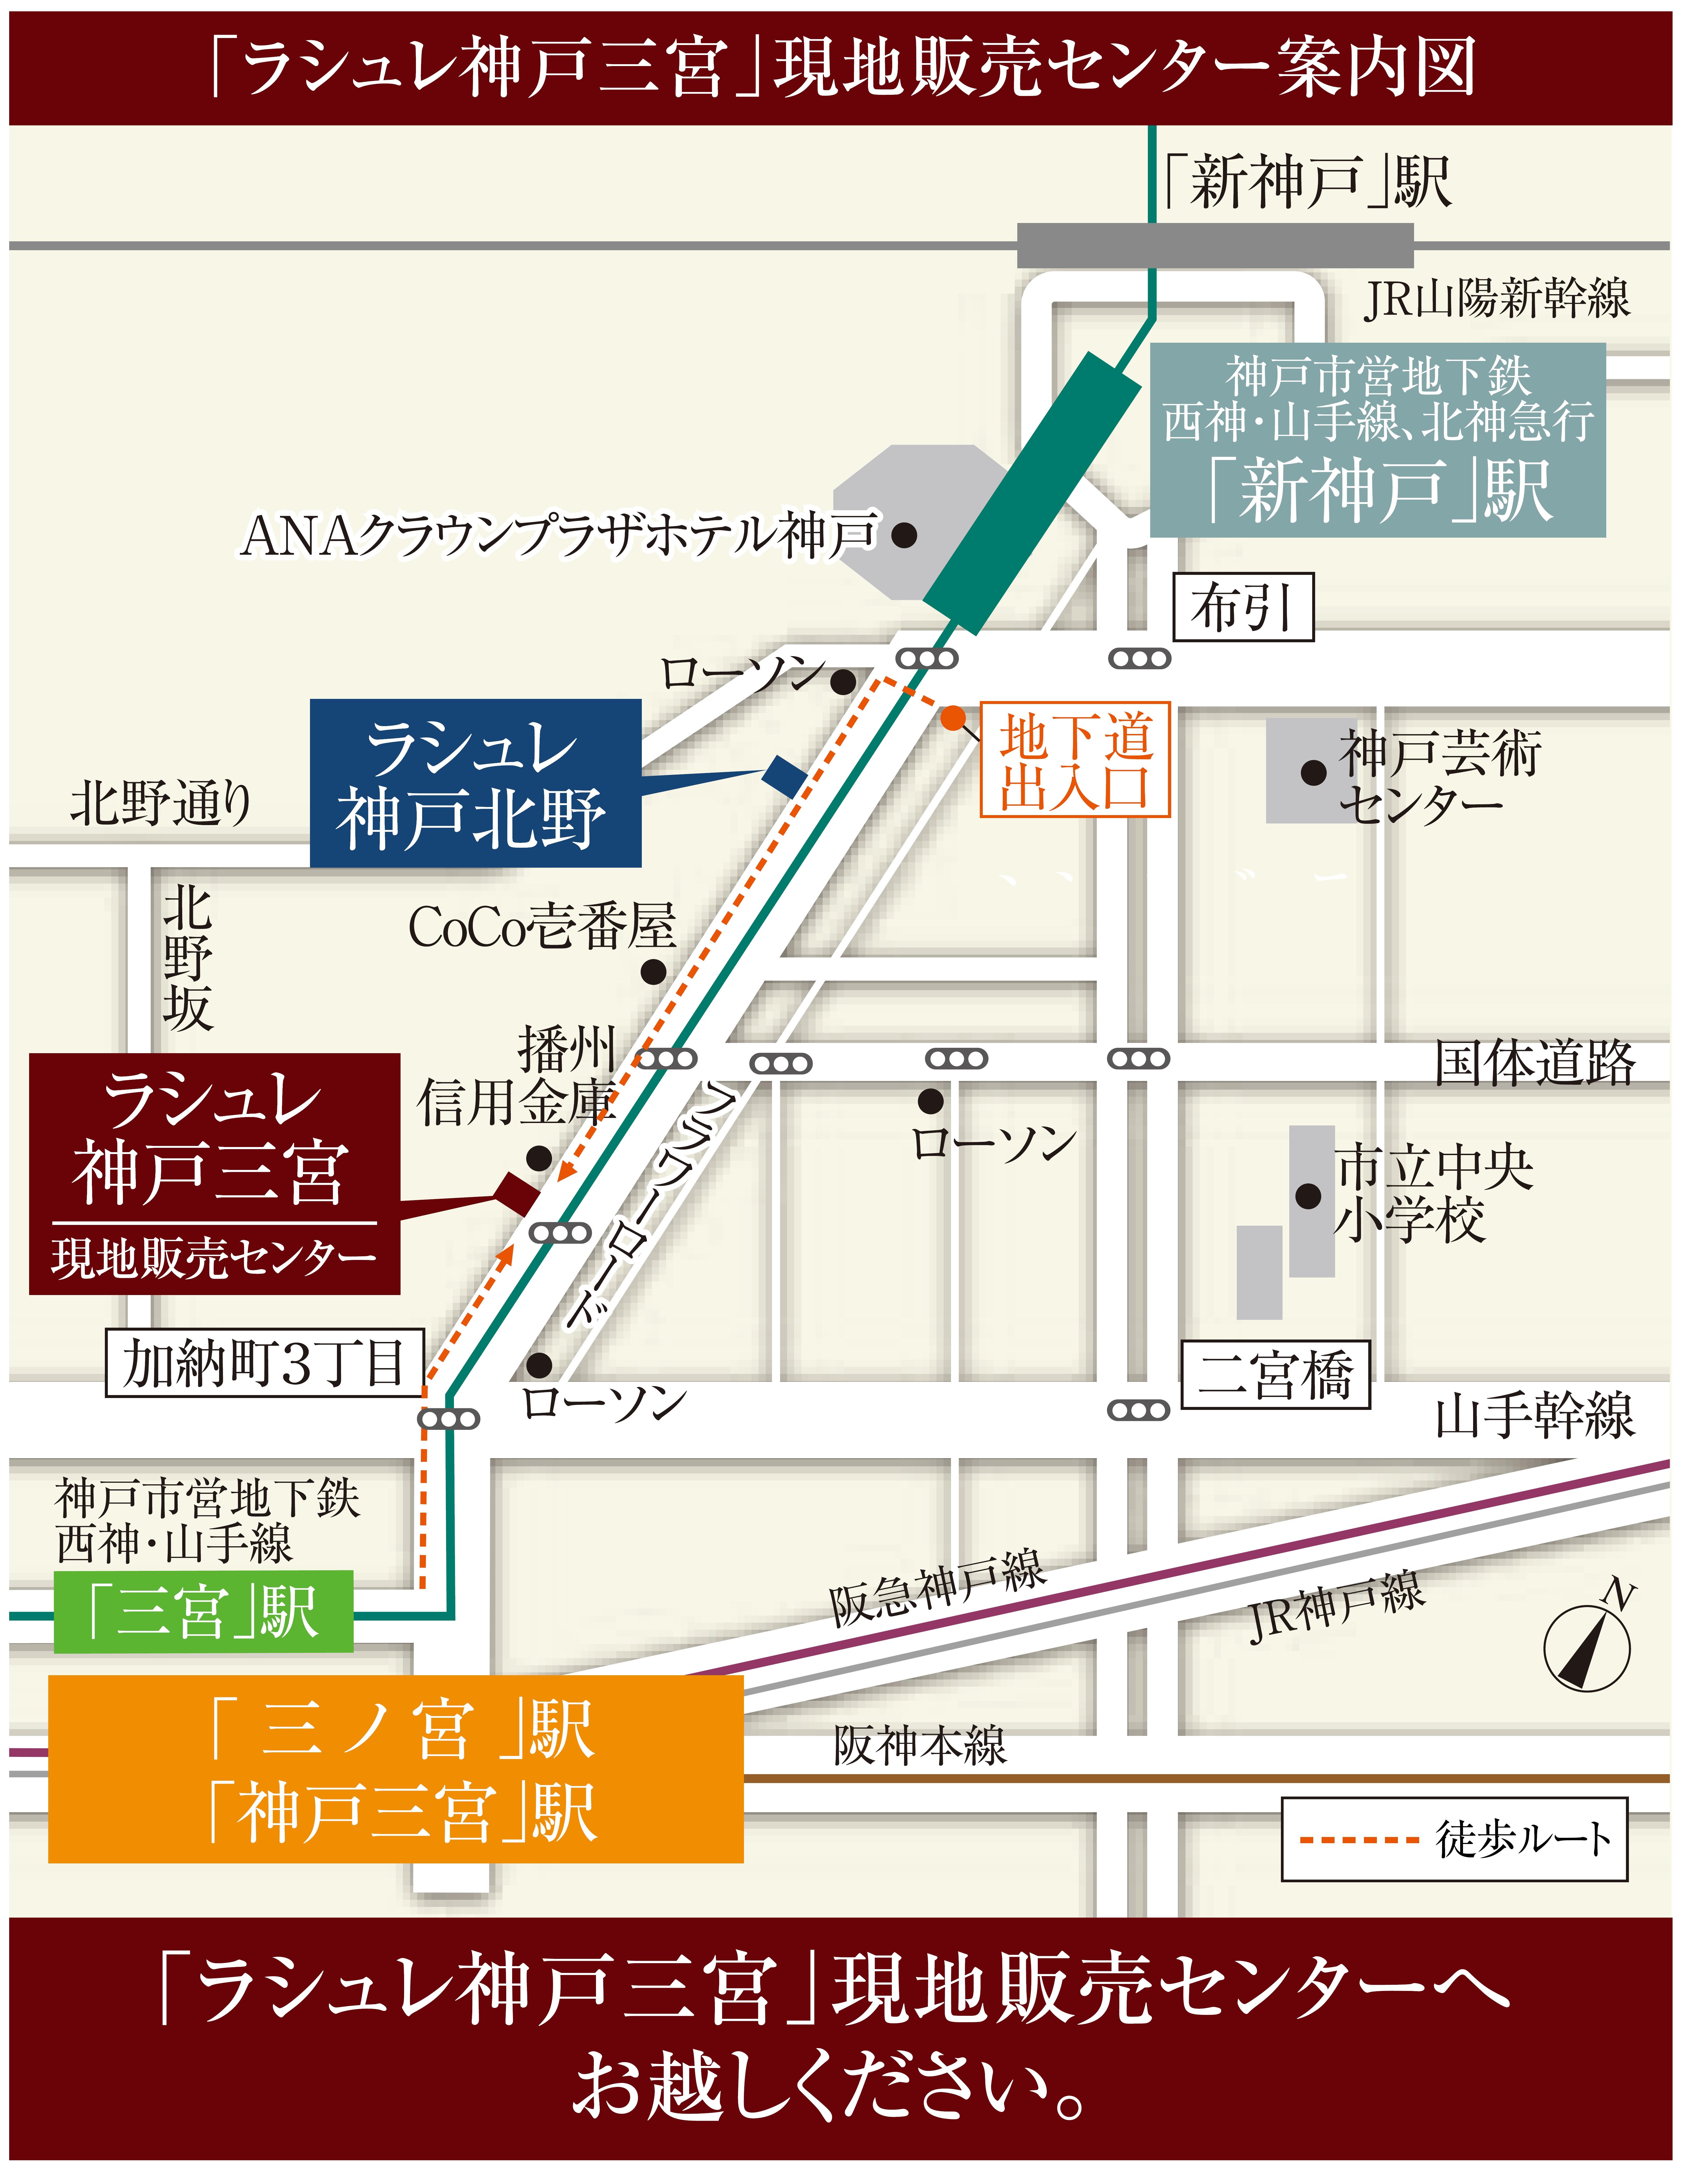 ラシュレ神戸三宮:モデルルーム地図